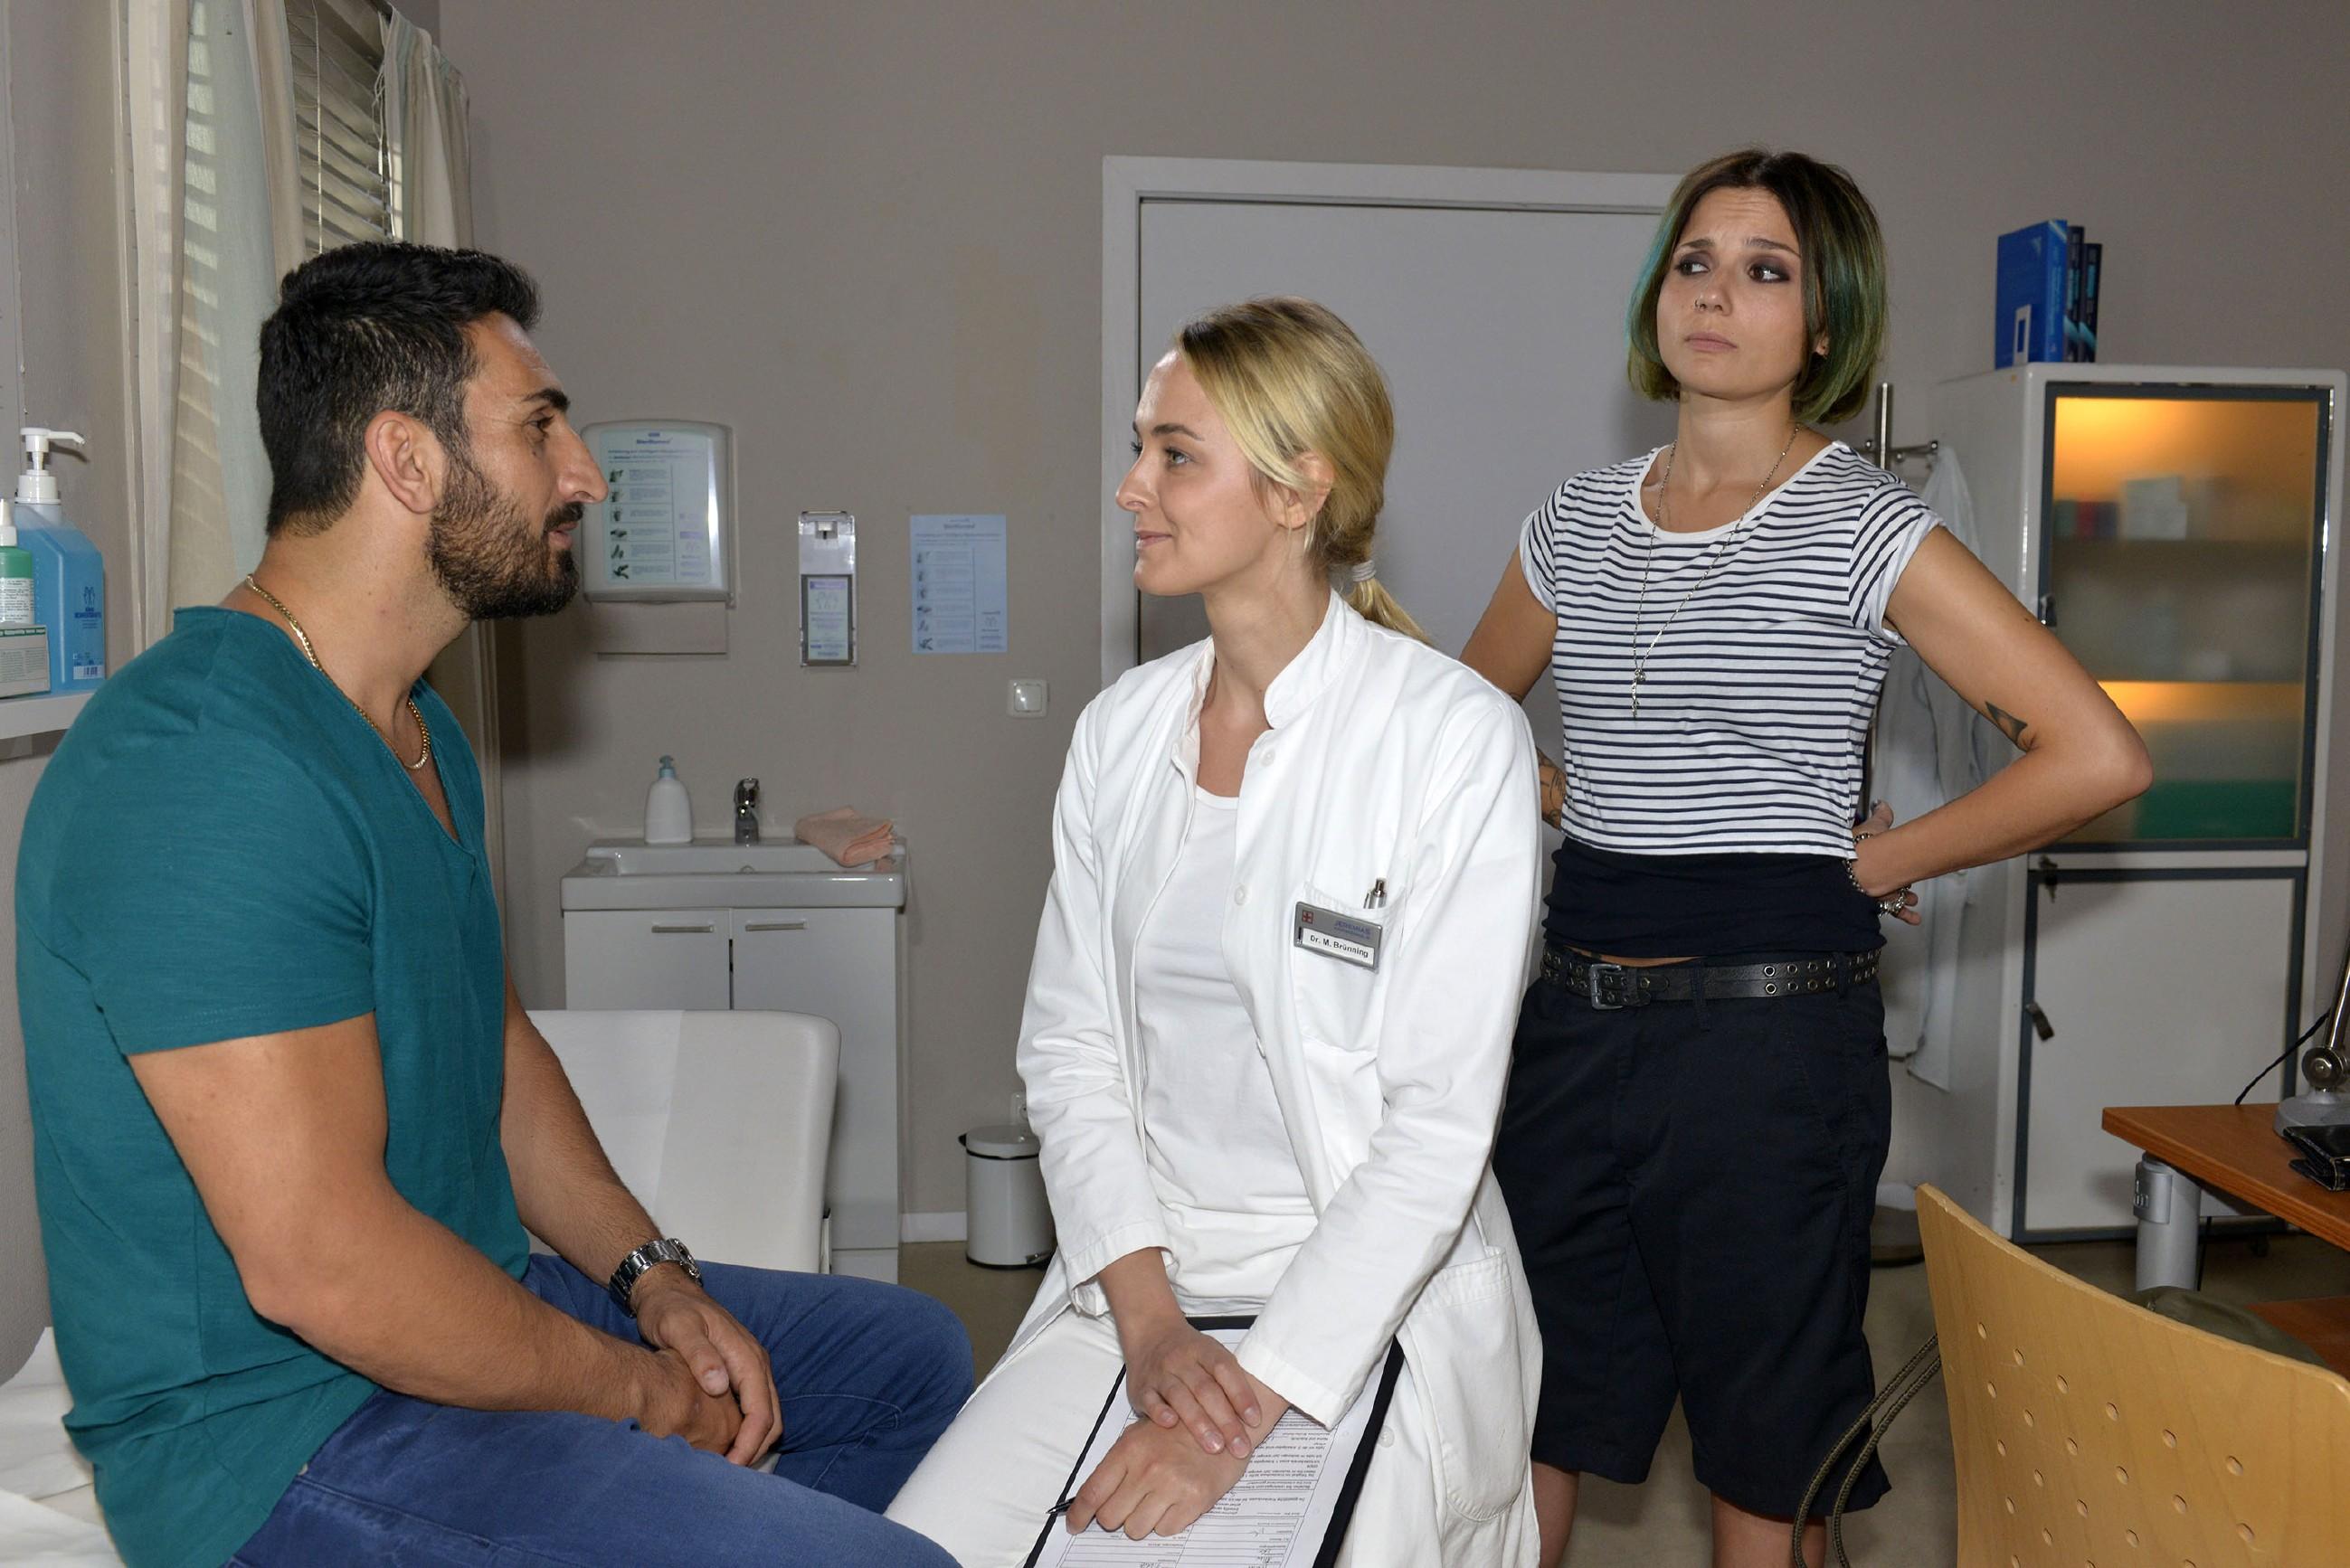 Anni (Linda Marlen Runge r.) ertappt Mesut (Mustafa Alin) bei seinem Flirt mit Maja (Anne Catrin Märzke). (Quelle: RTL / Rolf Baumgartner)